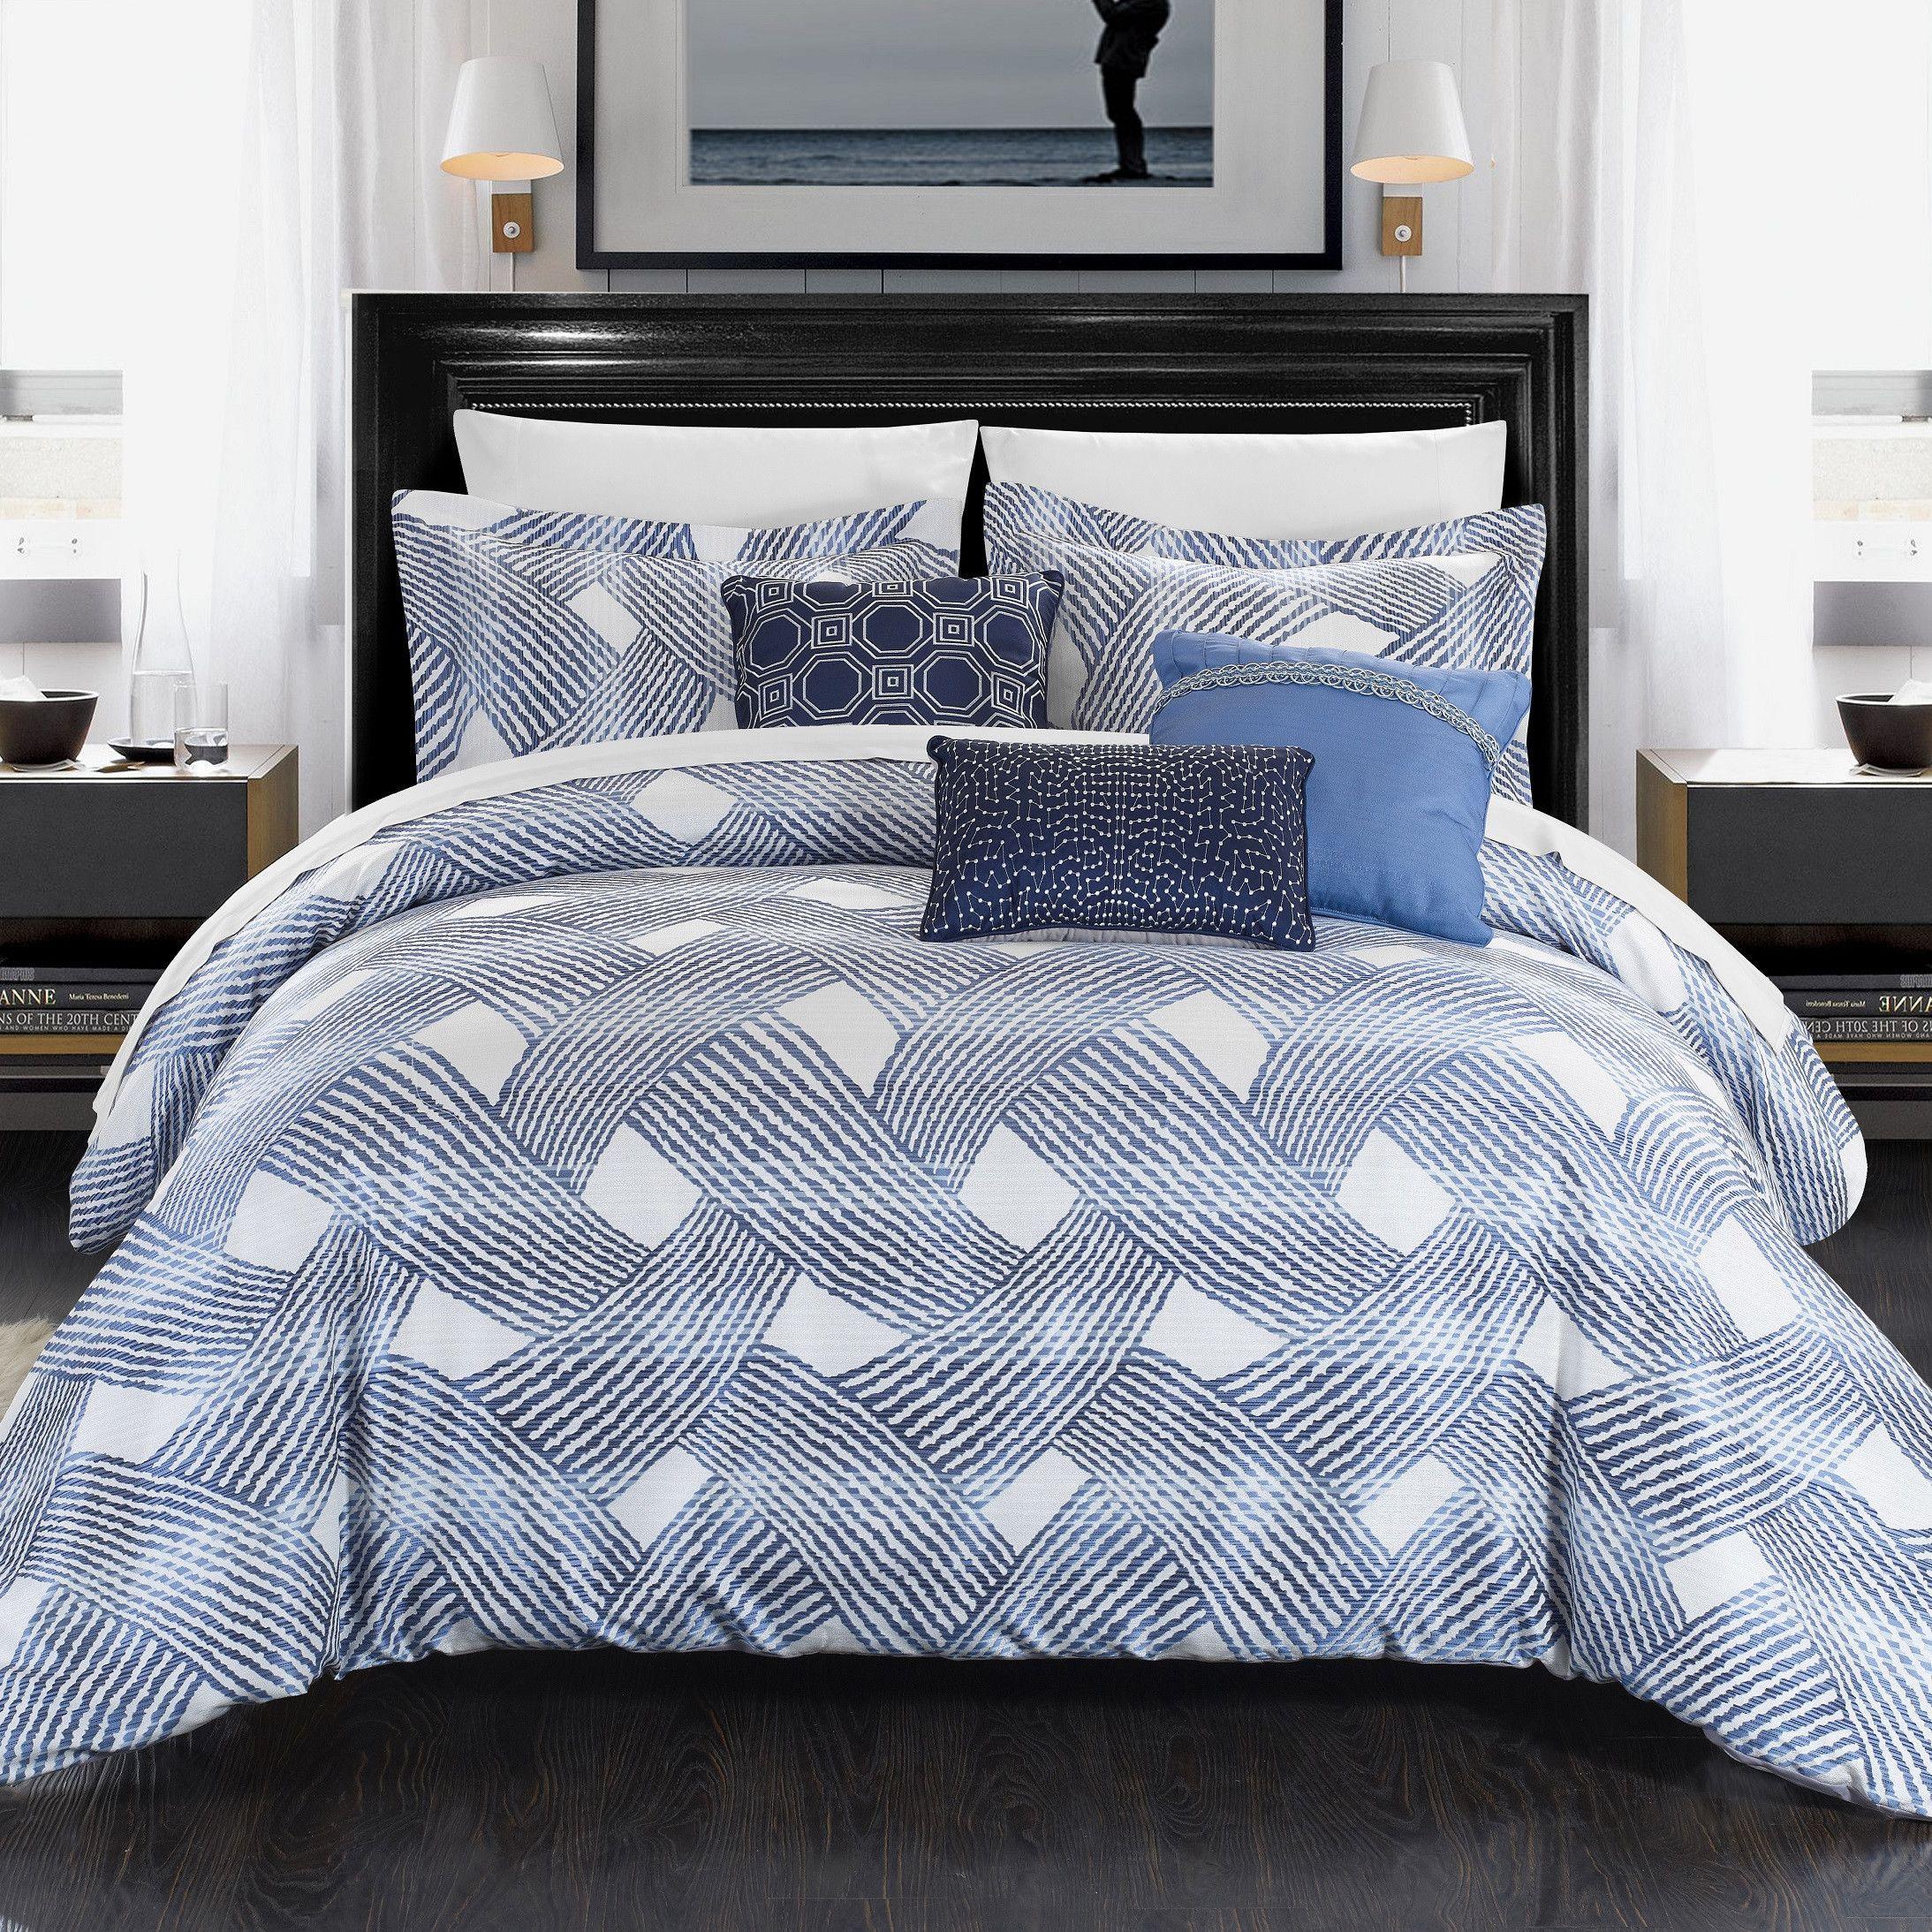 Fiorella Comforter Set Comforter Sets Jacquard Bedding Bedding Sets